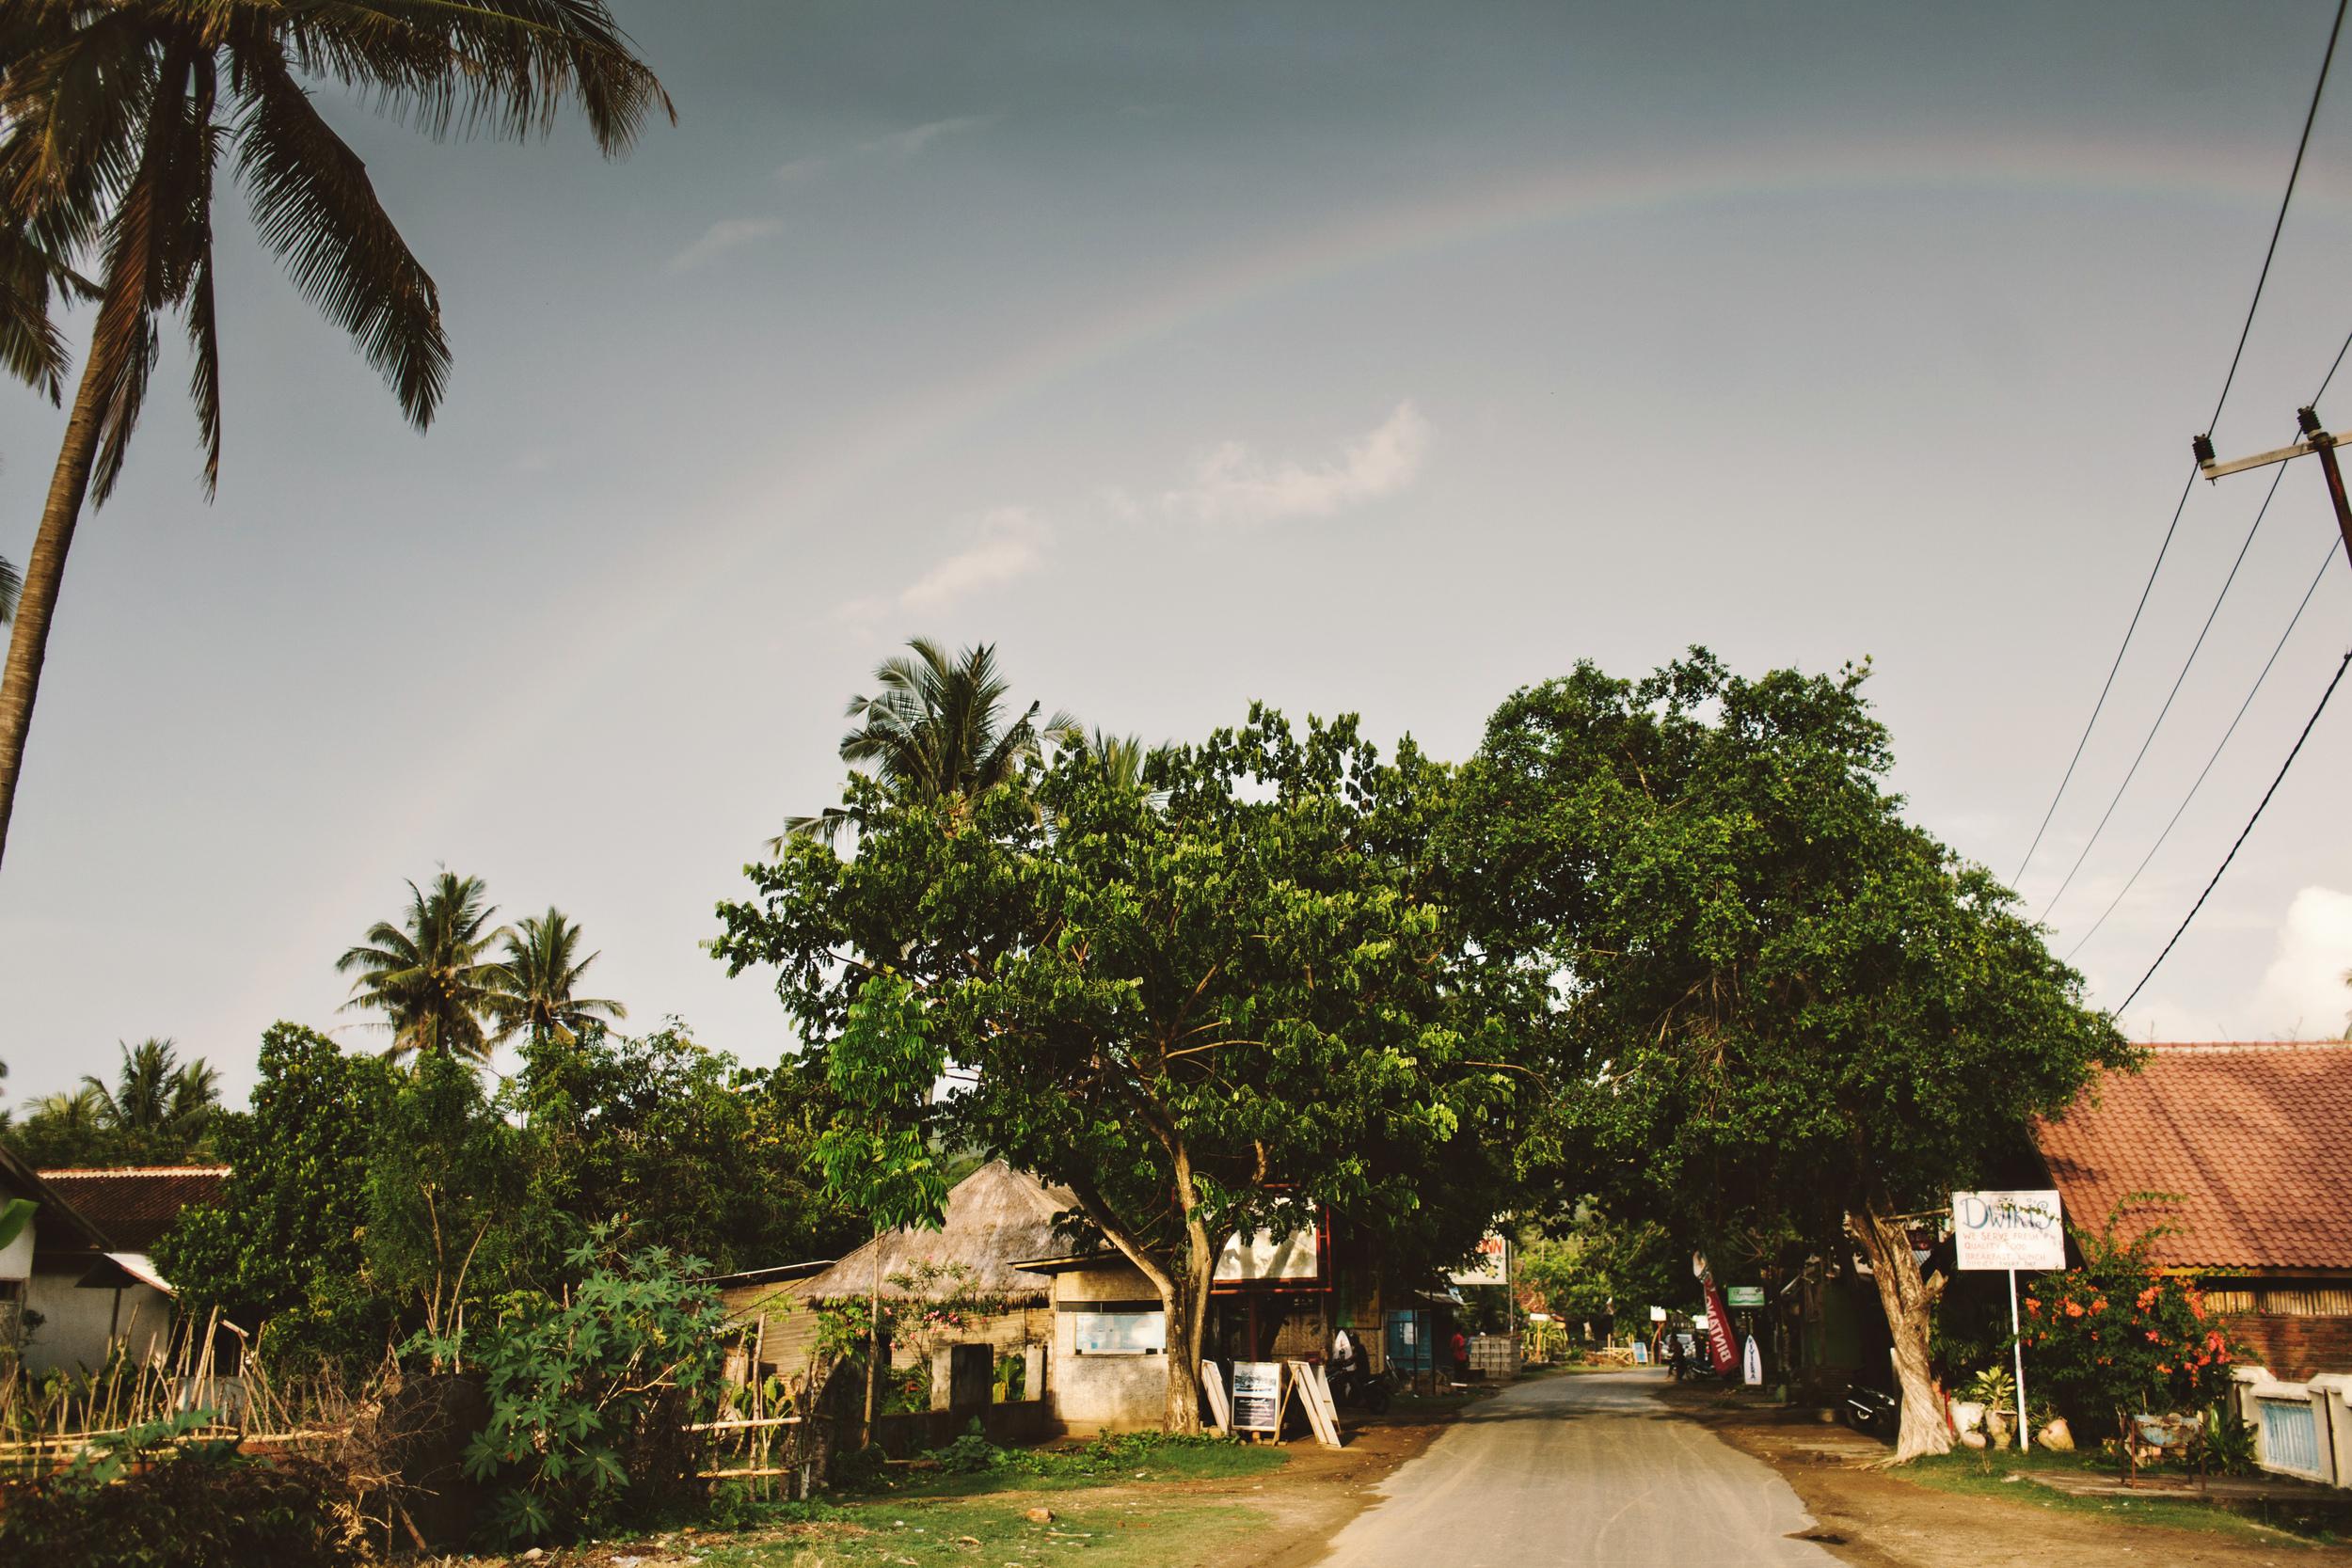 Indonesia-0447.jpeg